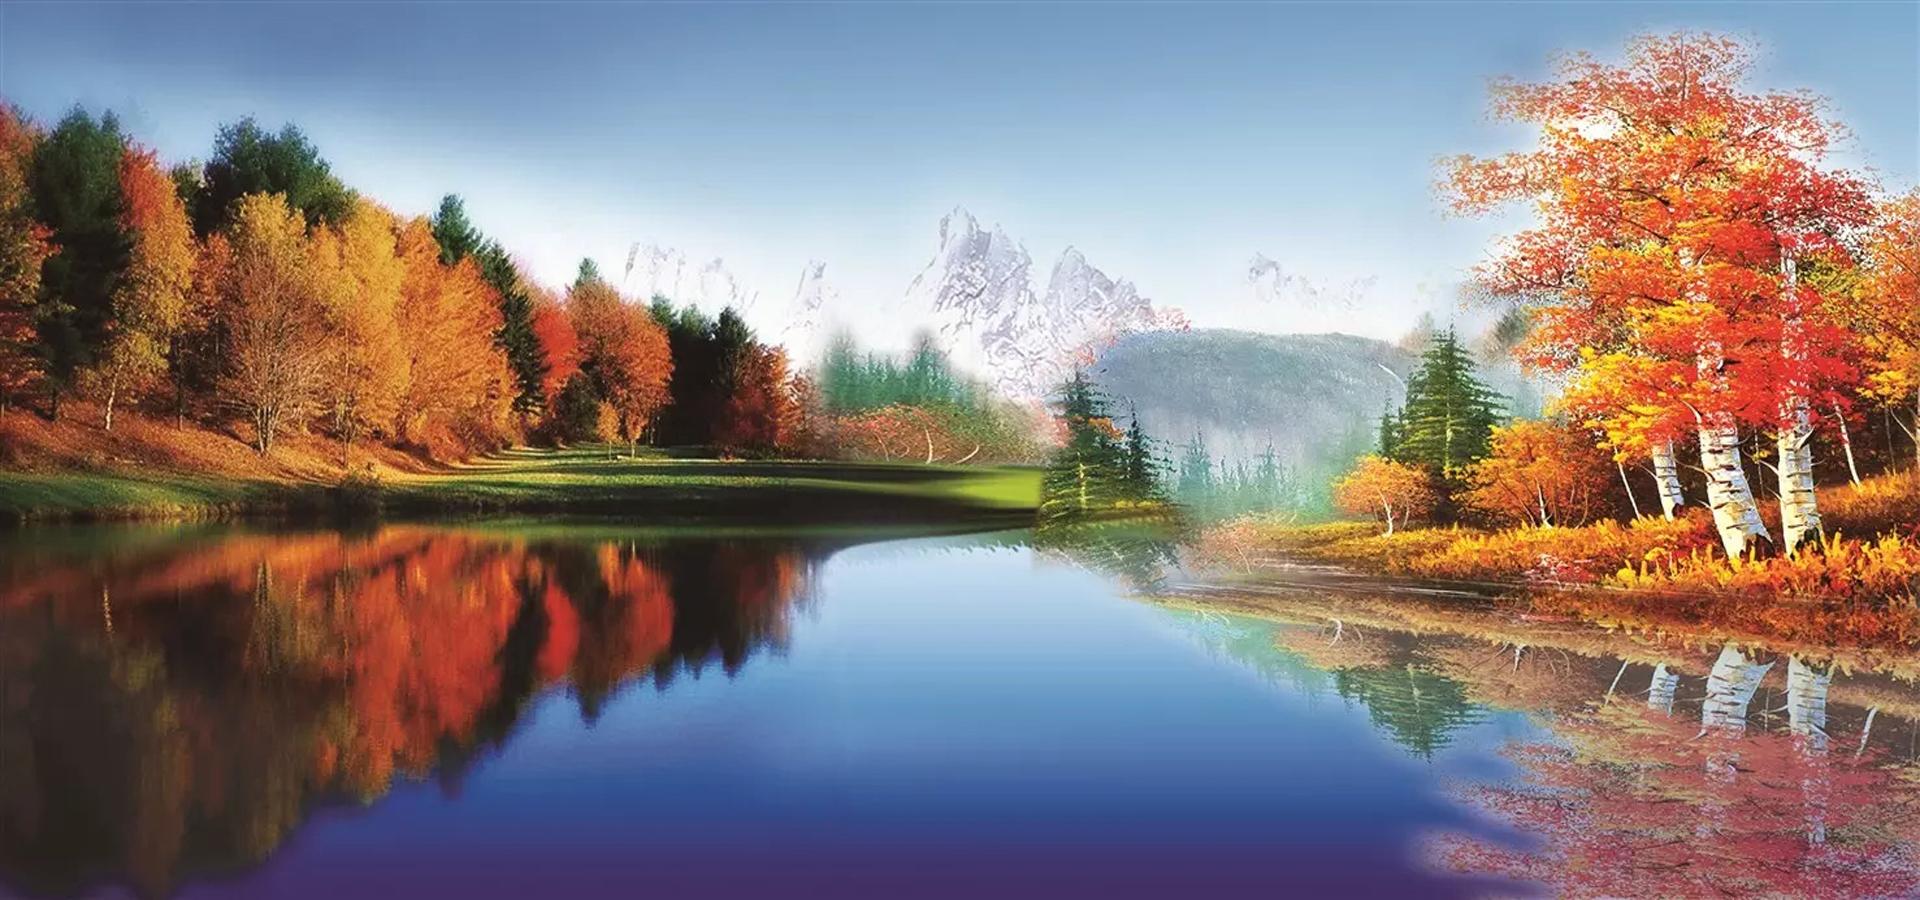 Lukisan pemandangan Langit  Biru Lanskap Lukisan  Imej Latar